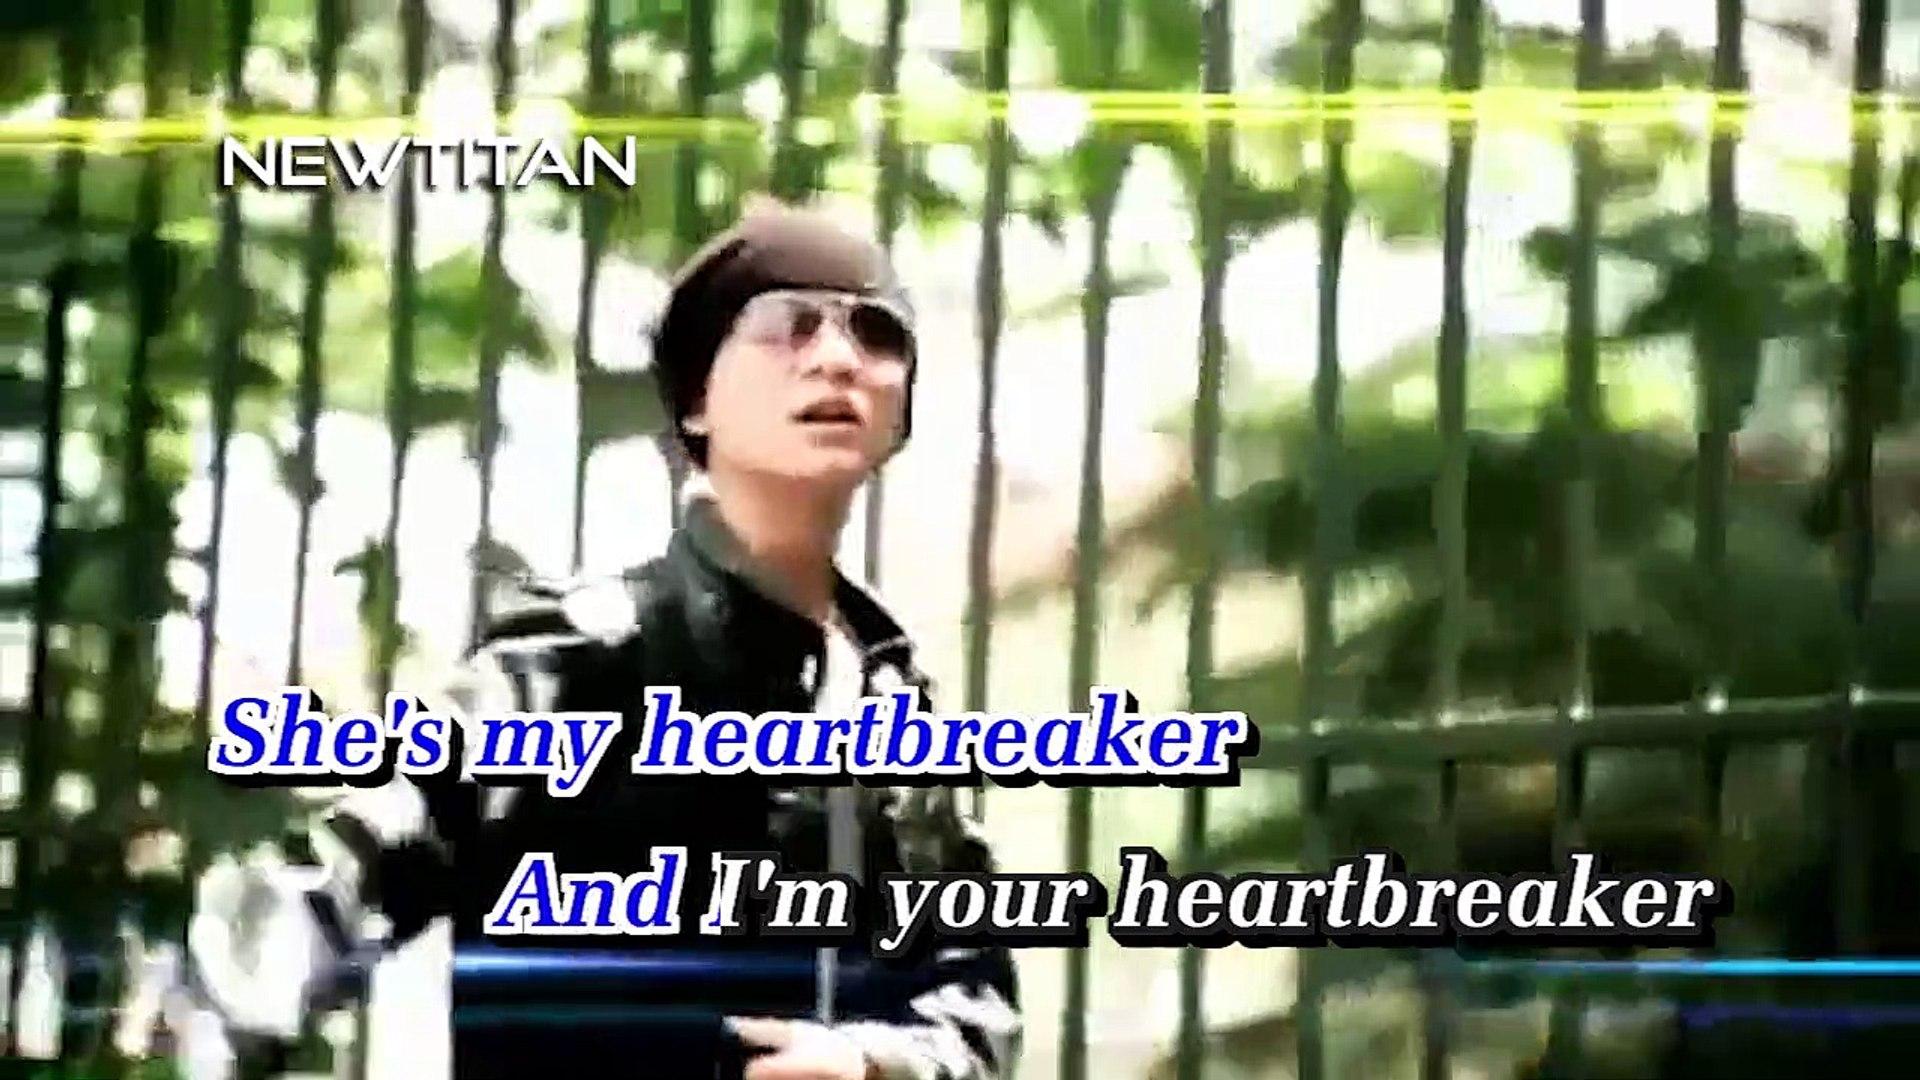 [Karaoke] Imma Heartbreaker - Justatee Ft. Emily, Lk [Beat]